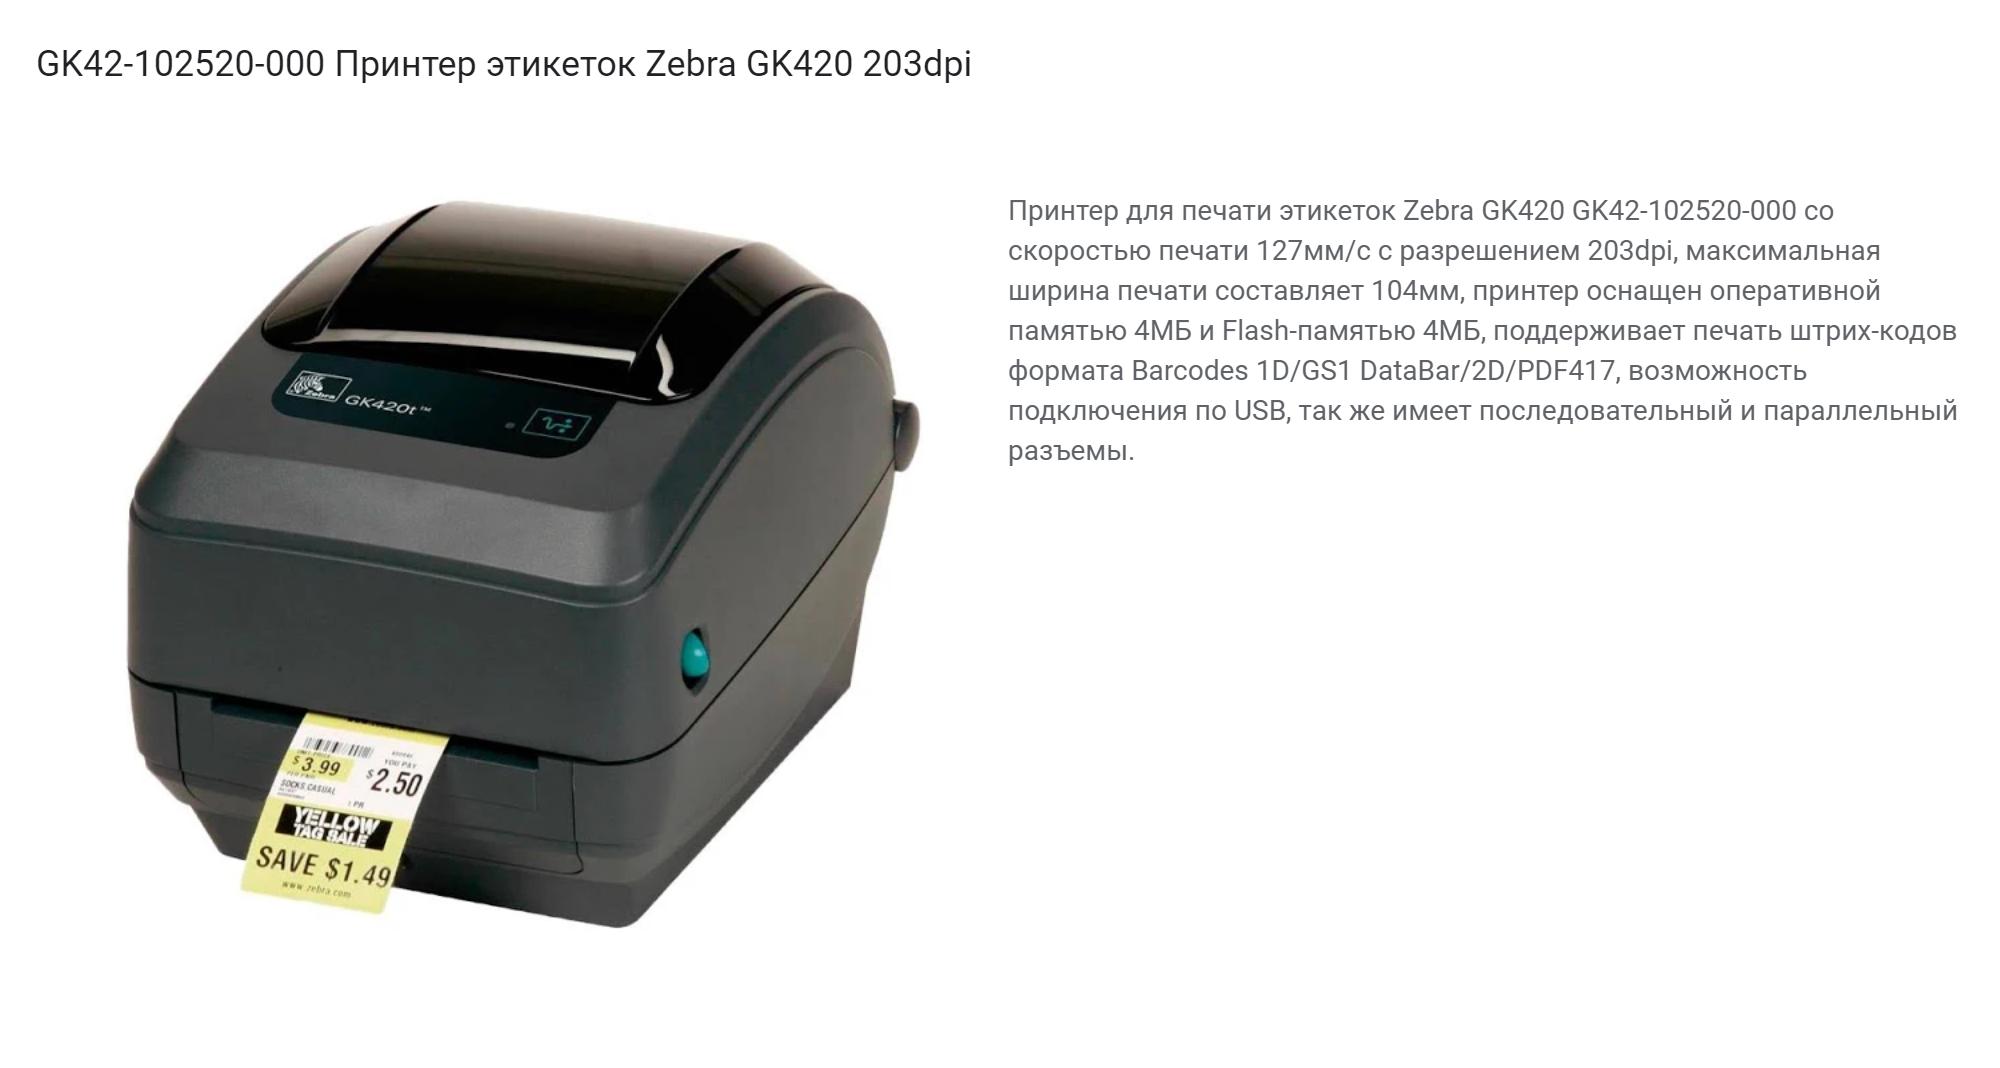 Это принтер компании «Зебра», который может печатать этикетки с маркировкой. Стоит такая модель около 30 000—40 000<span class=ruble>Р</span>